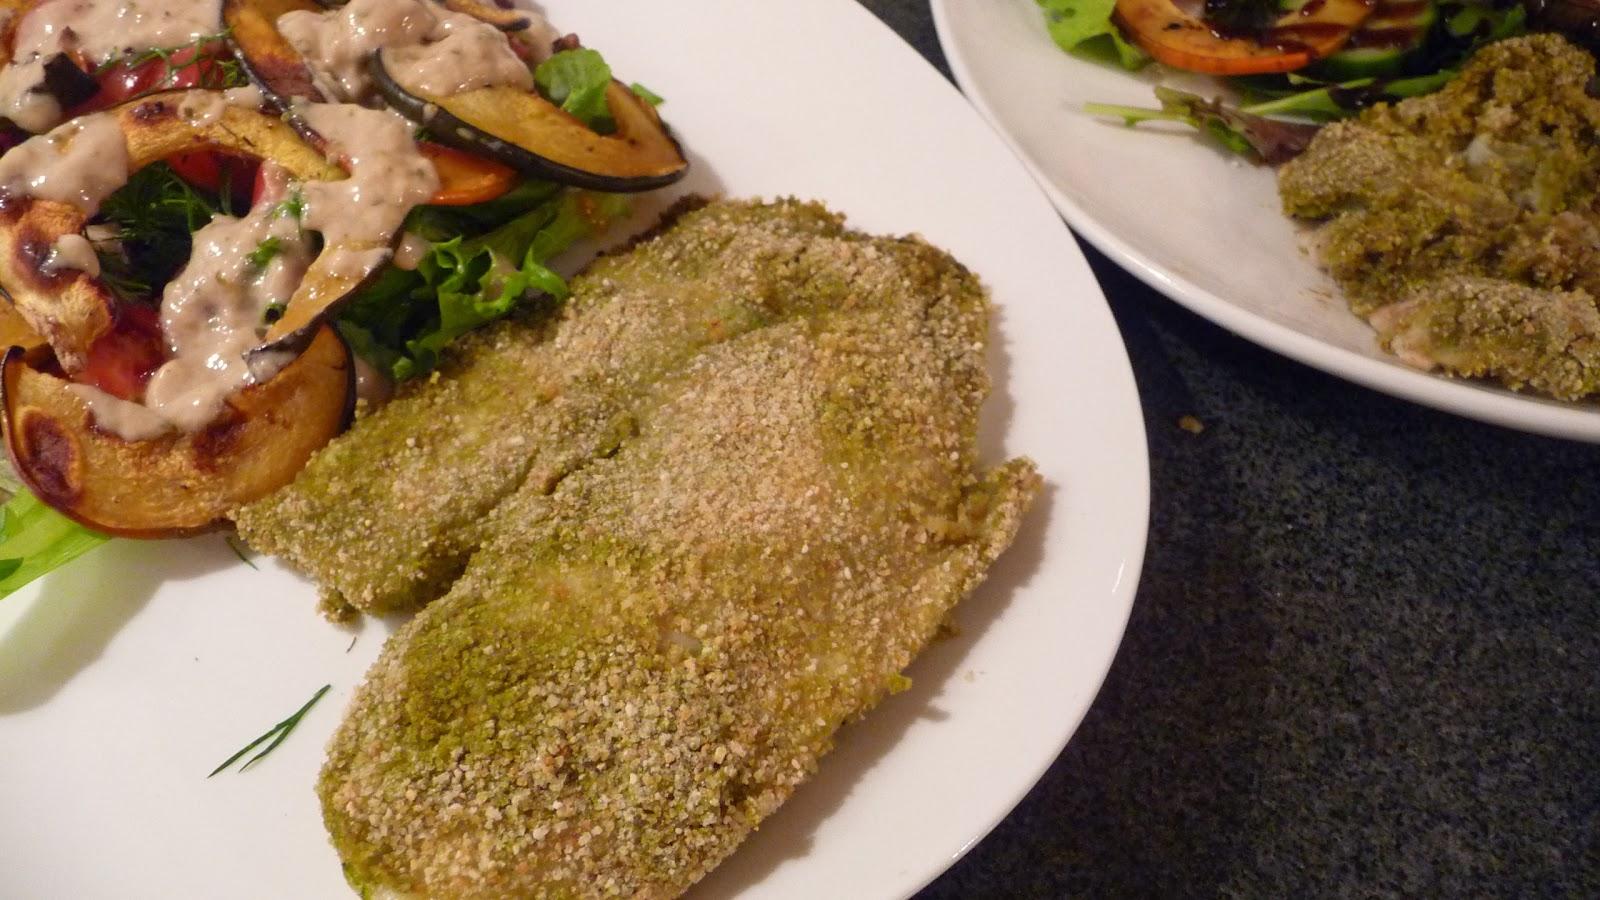 Baked tilapia sriracha recipes - baked tilapia sriracha recipe